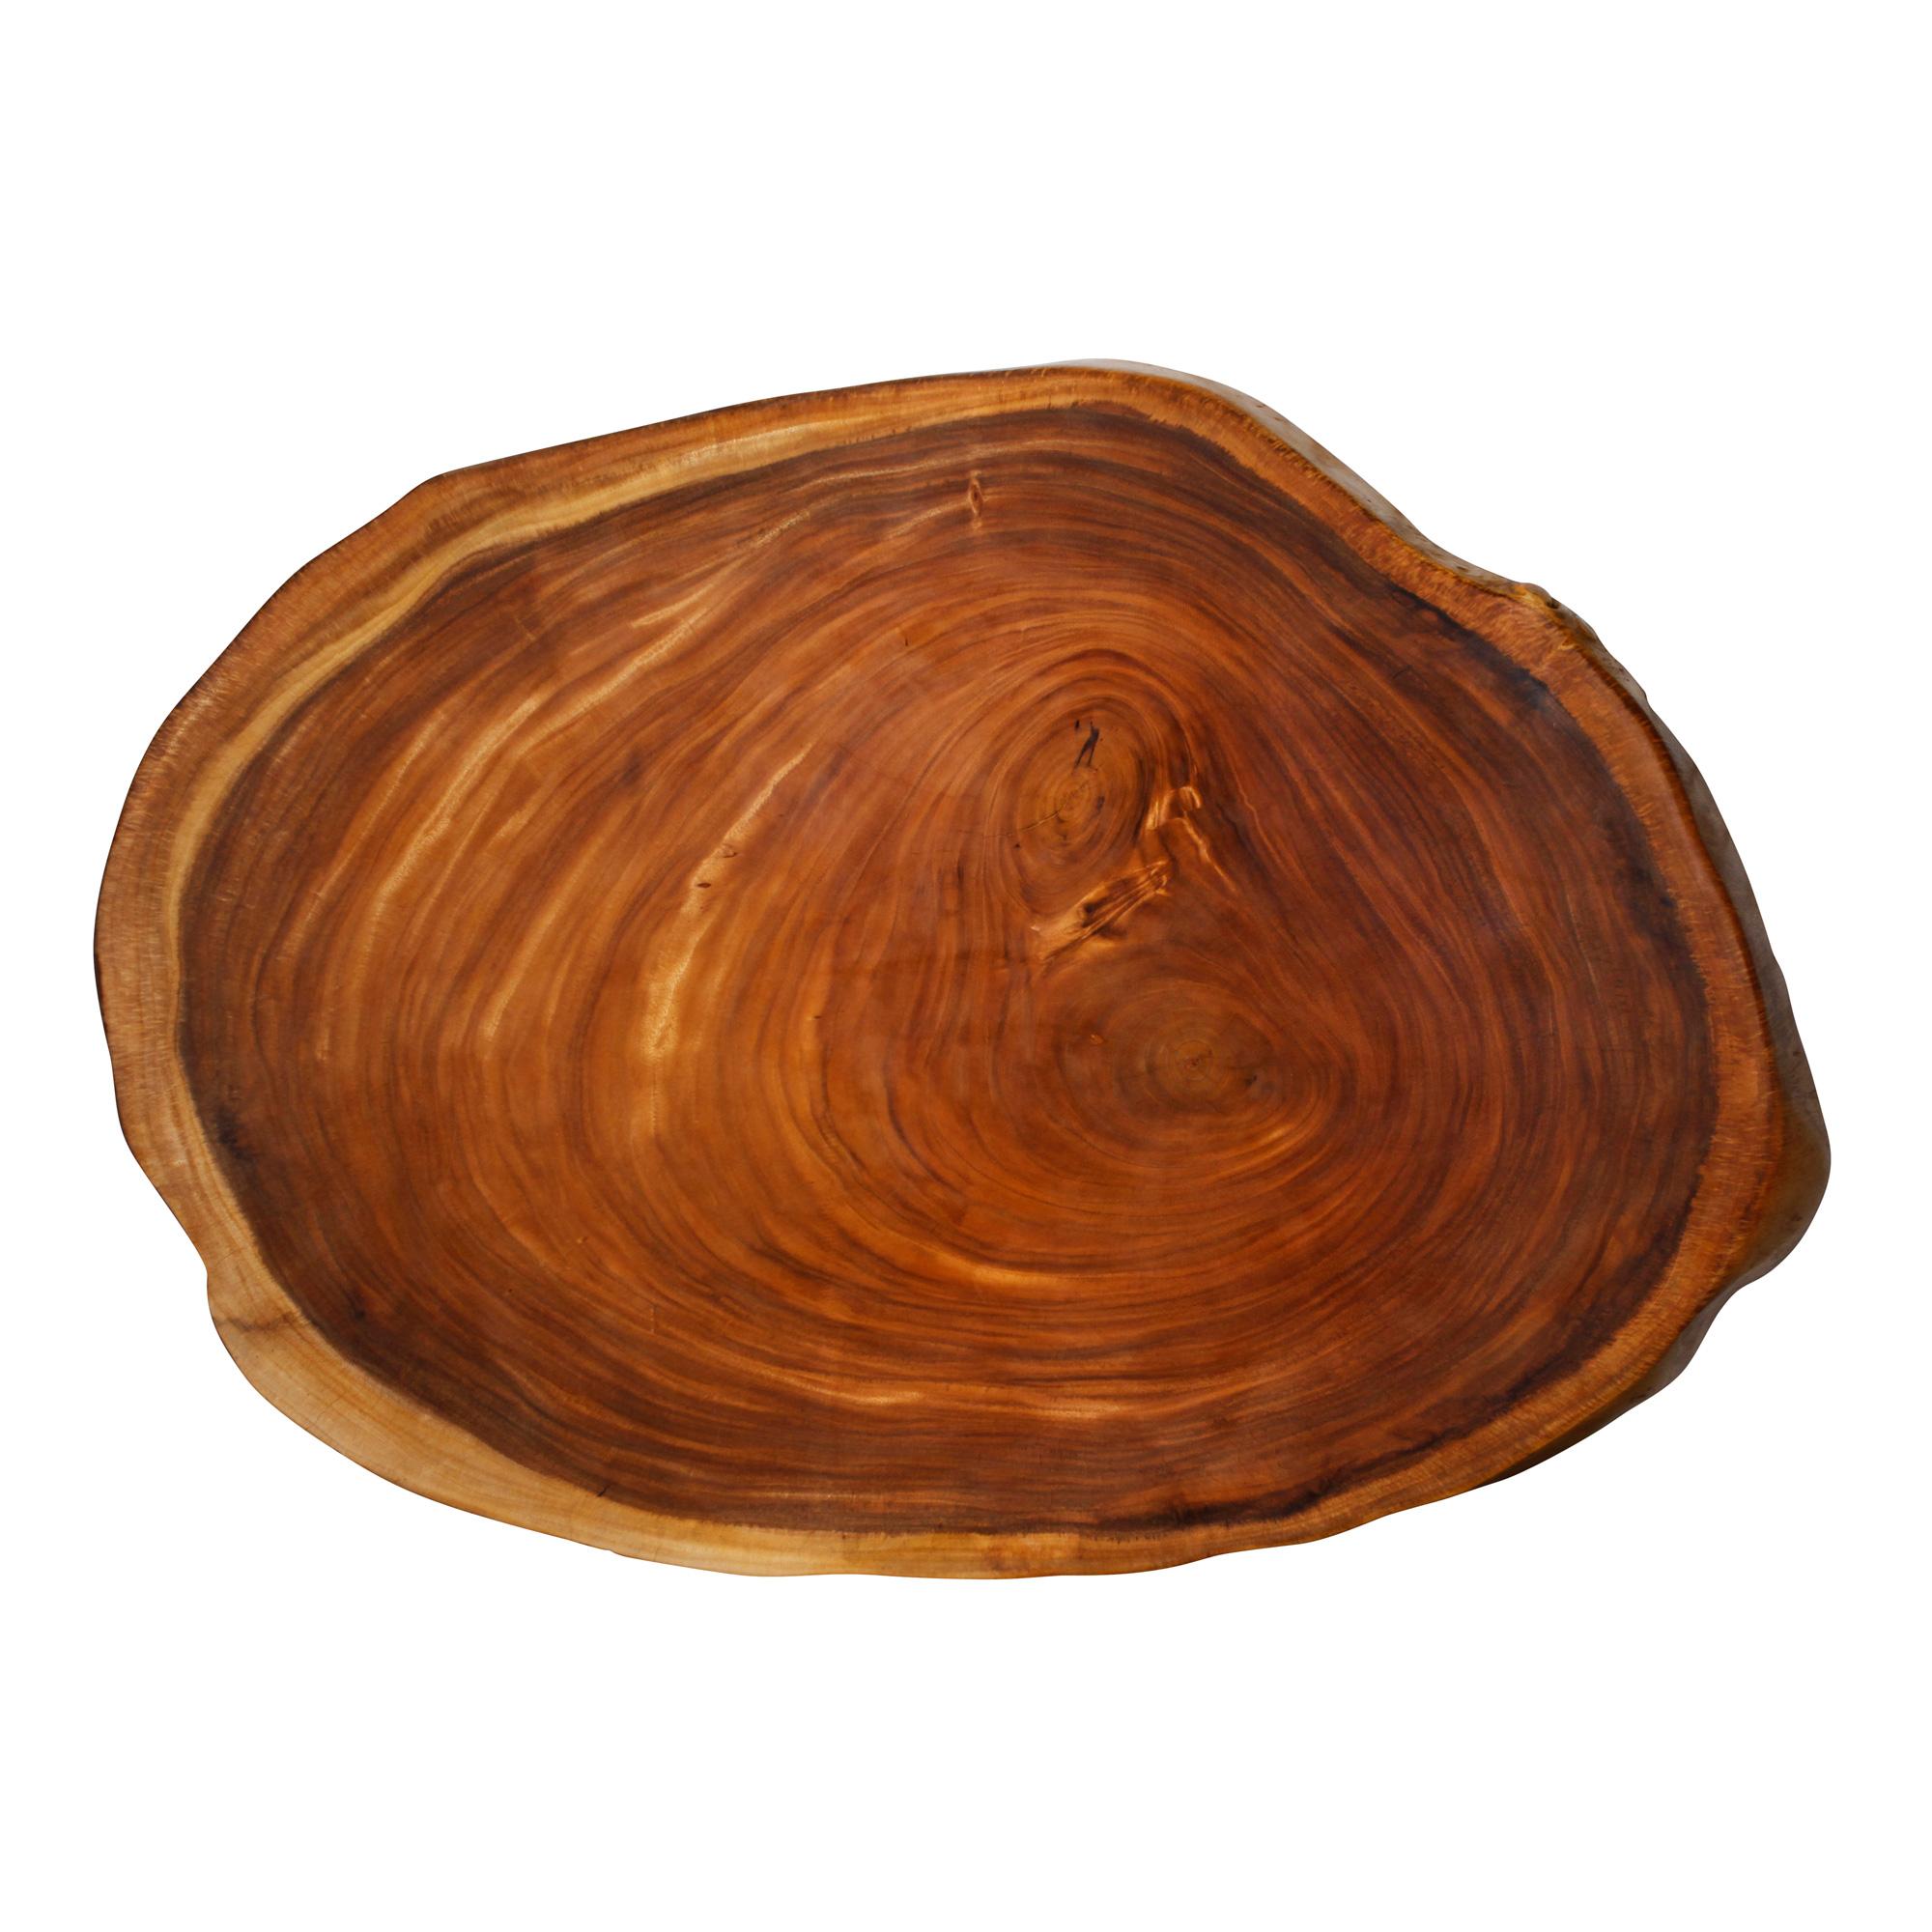 Saman Natural Wood Art - R18